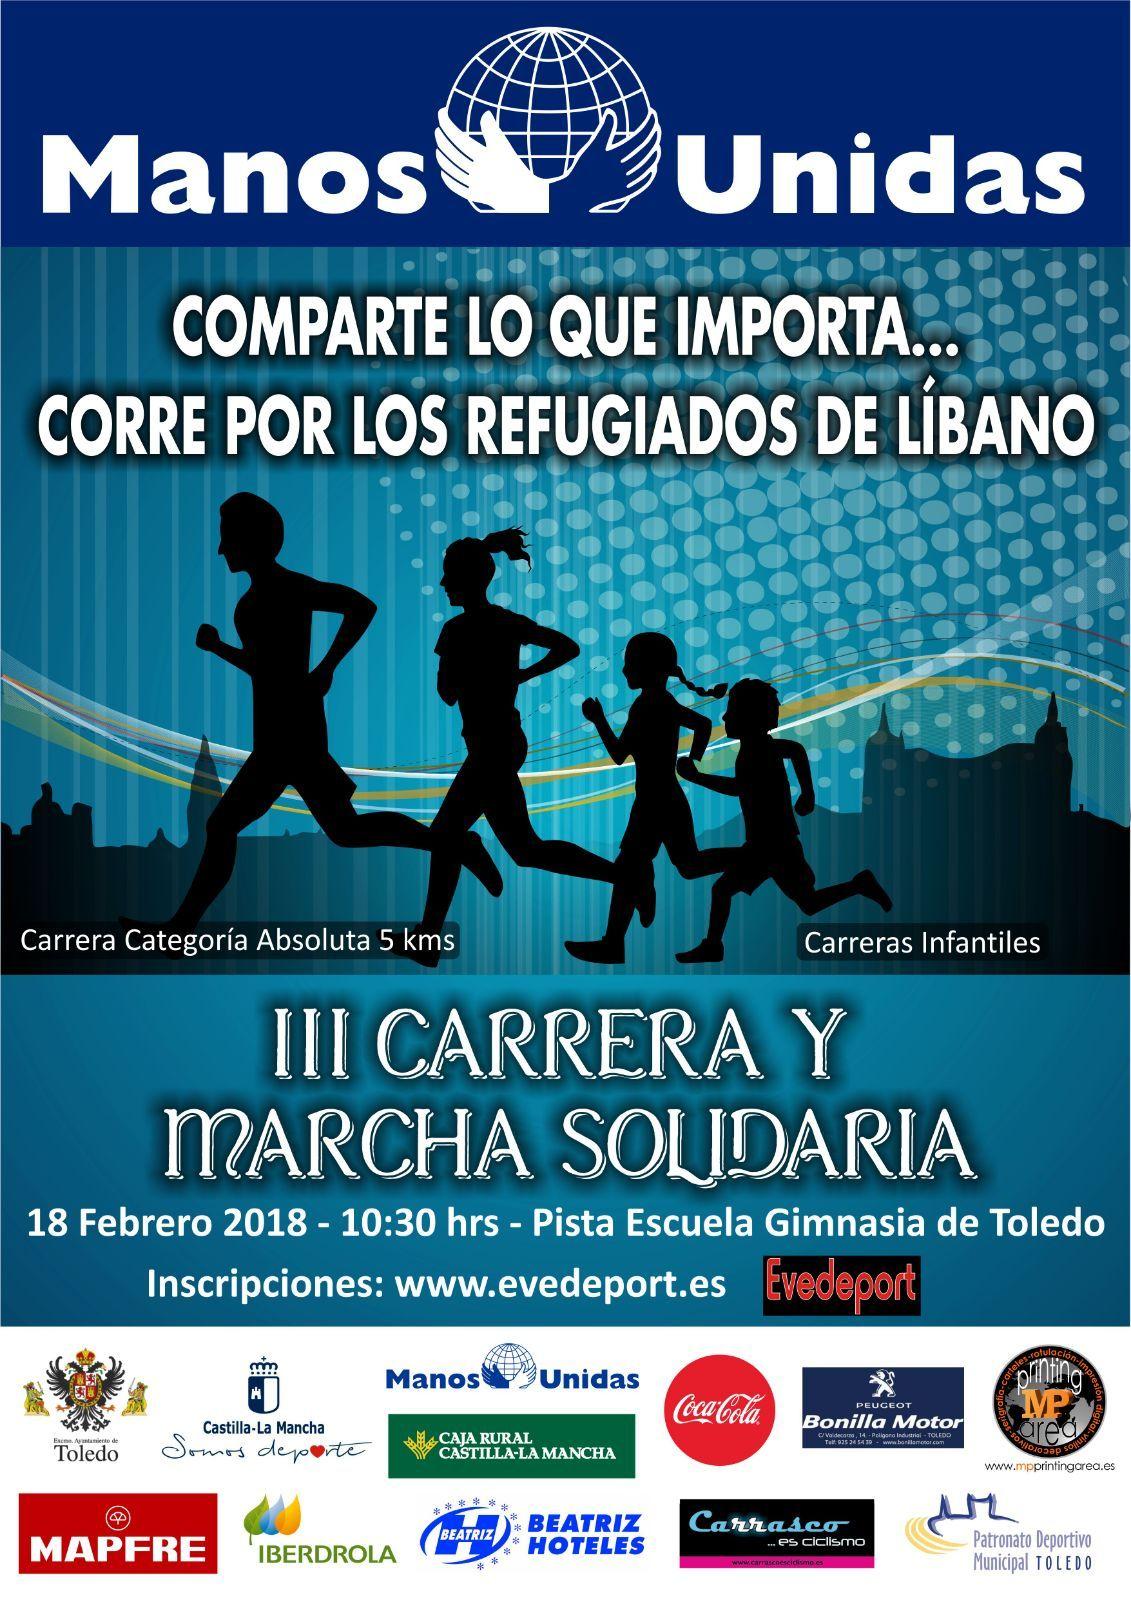 Manos Unidas, Carrera Solidaria